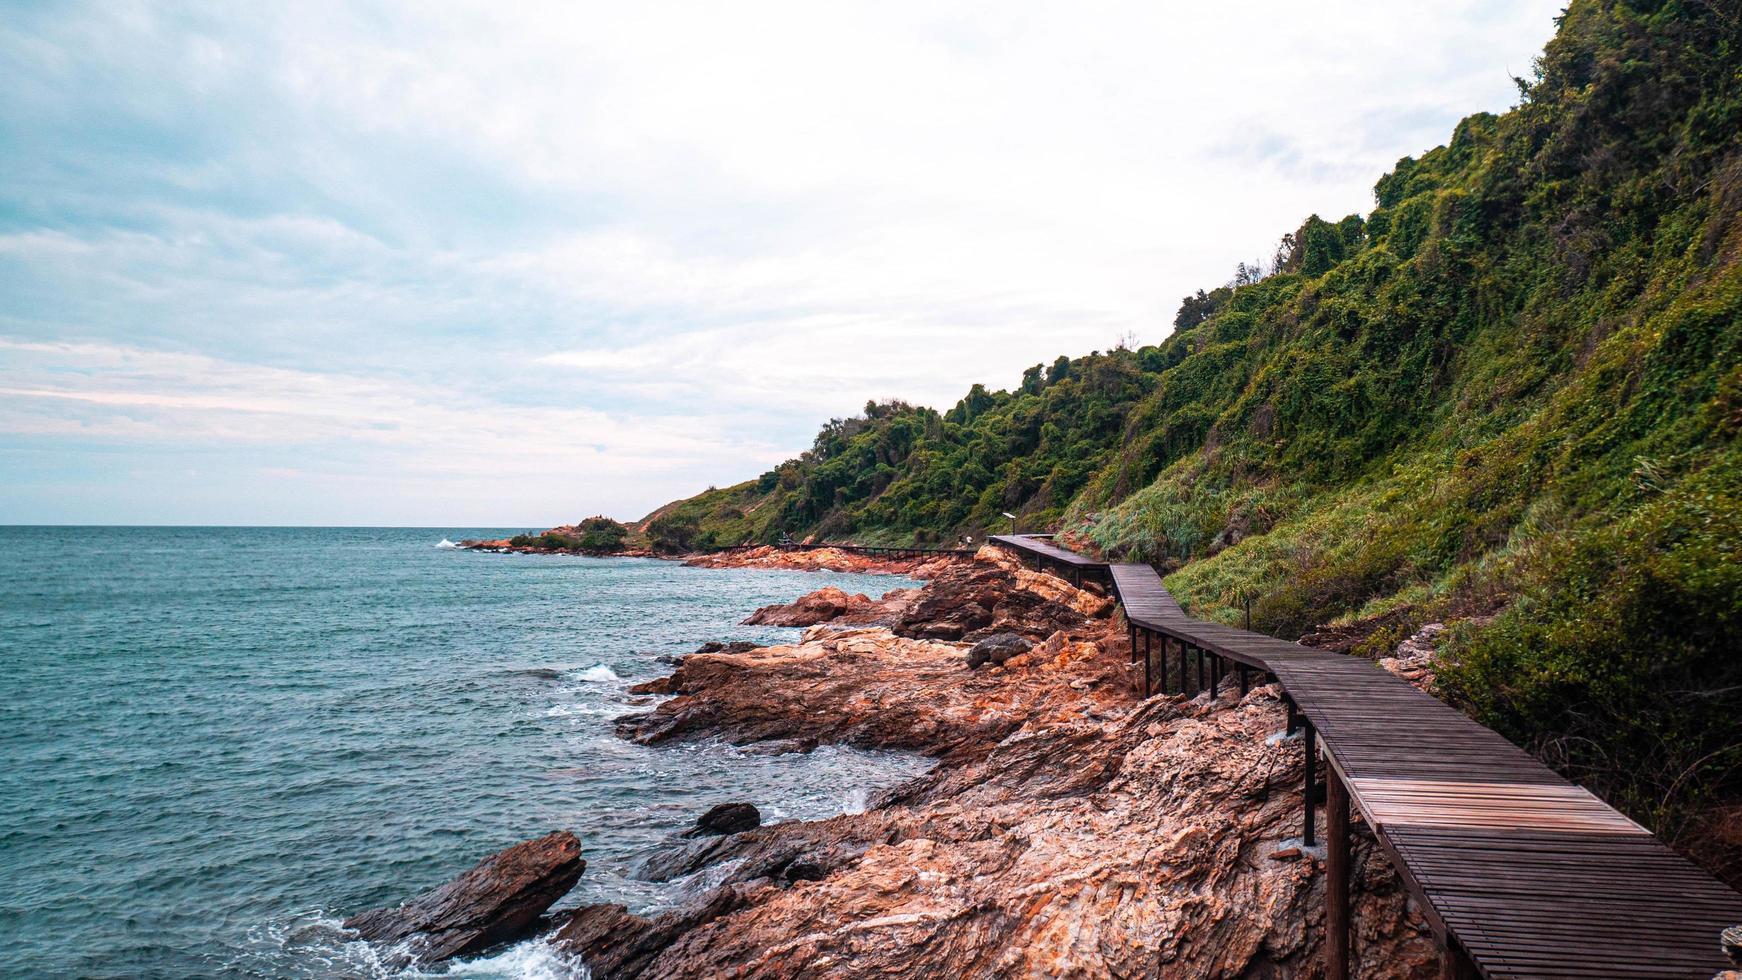 houten pad op de berg met het prachtige uitzicht op zee foto